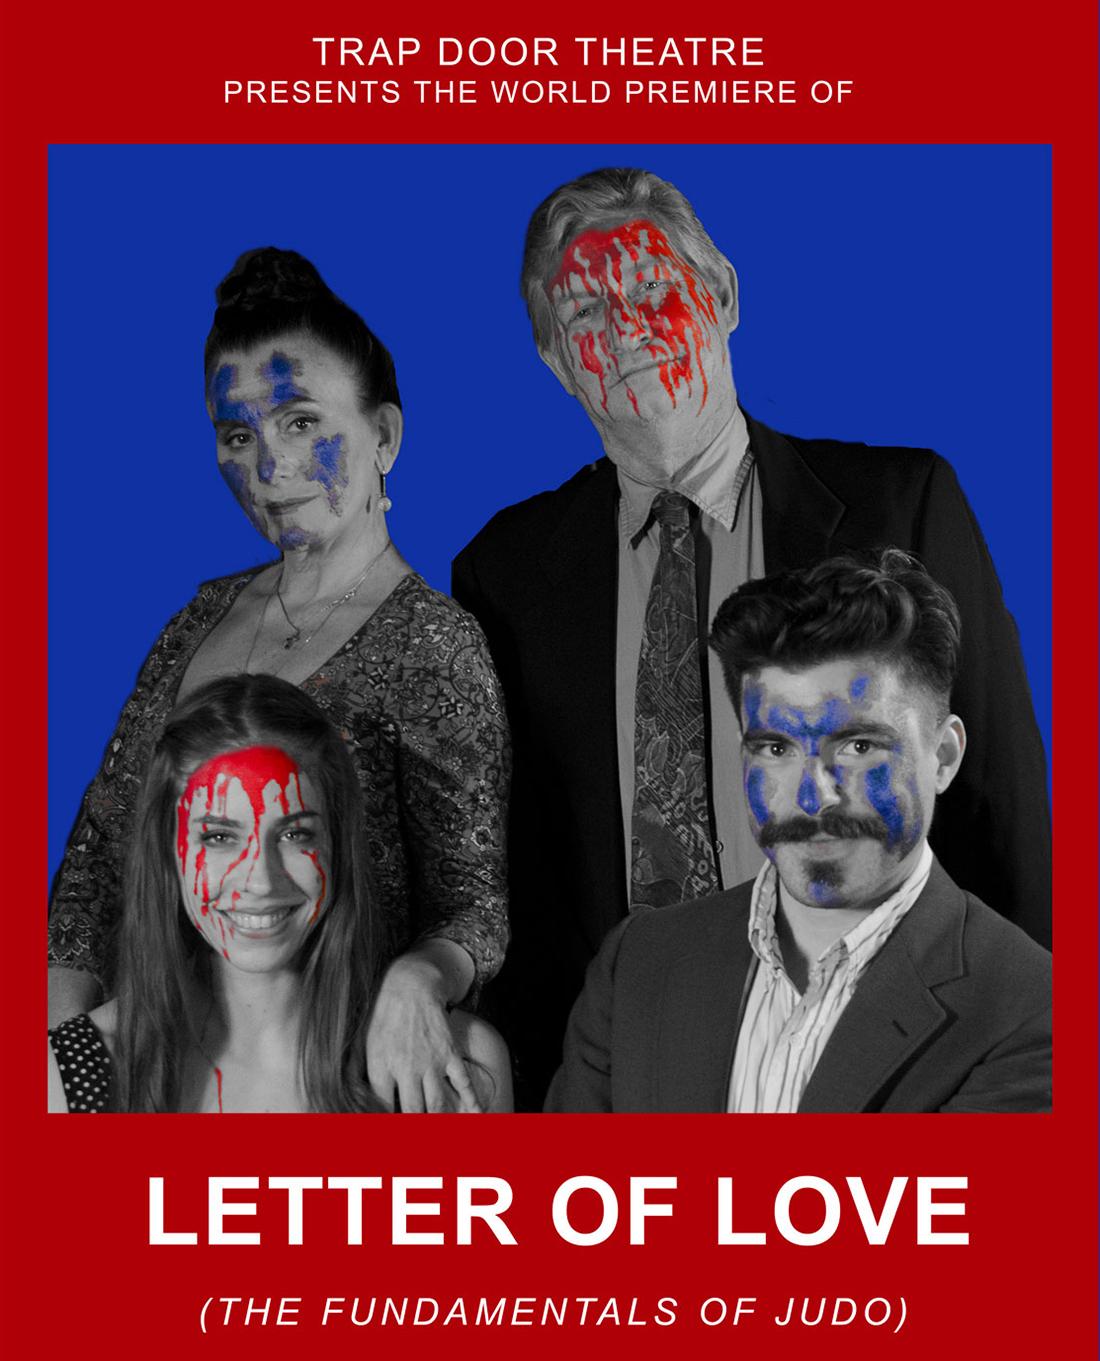 """Affiche pour les représentations de la pièce """"Letter of love, the fundamentals of judo"""", de Fernando Arrabal."""